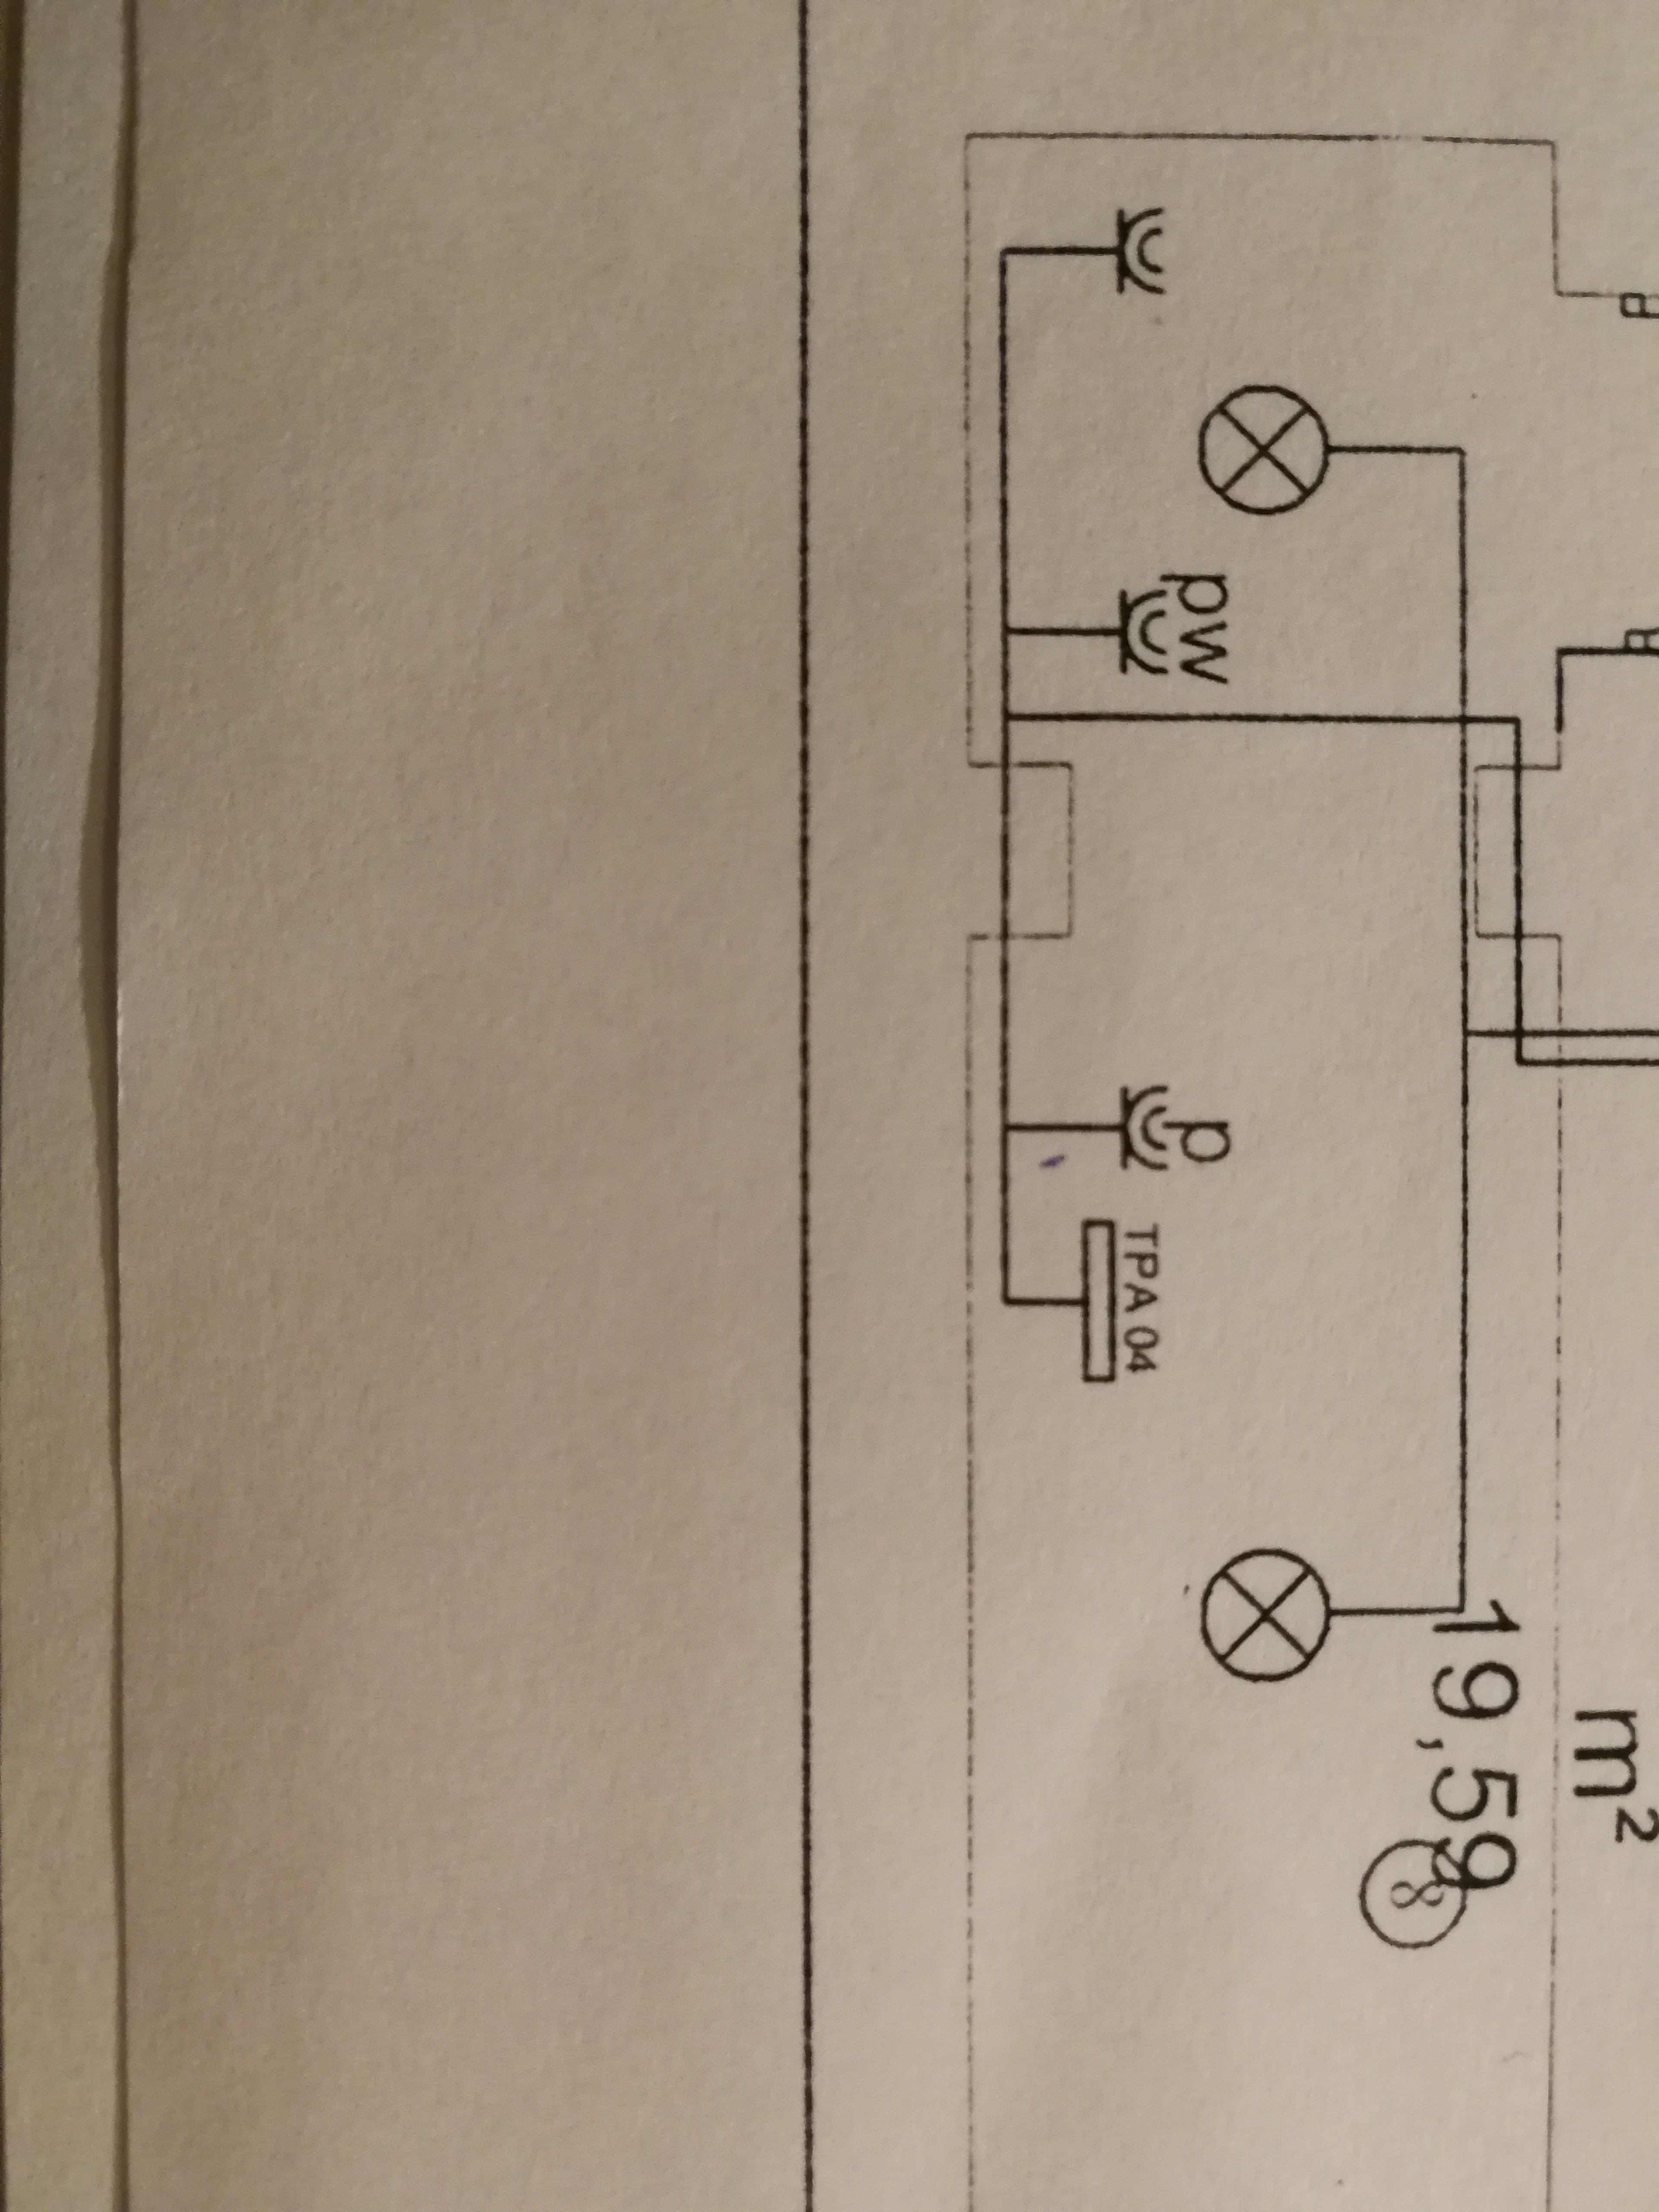 RCBO rozszyfrowanie oznaczeń elektroda.pl